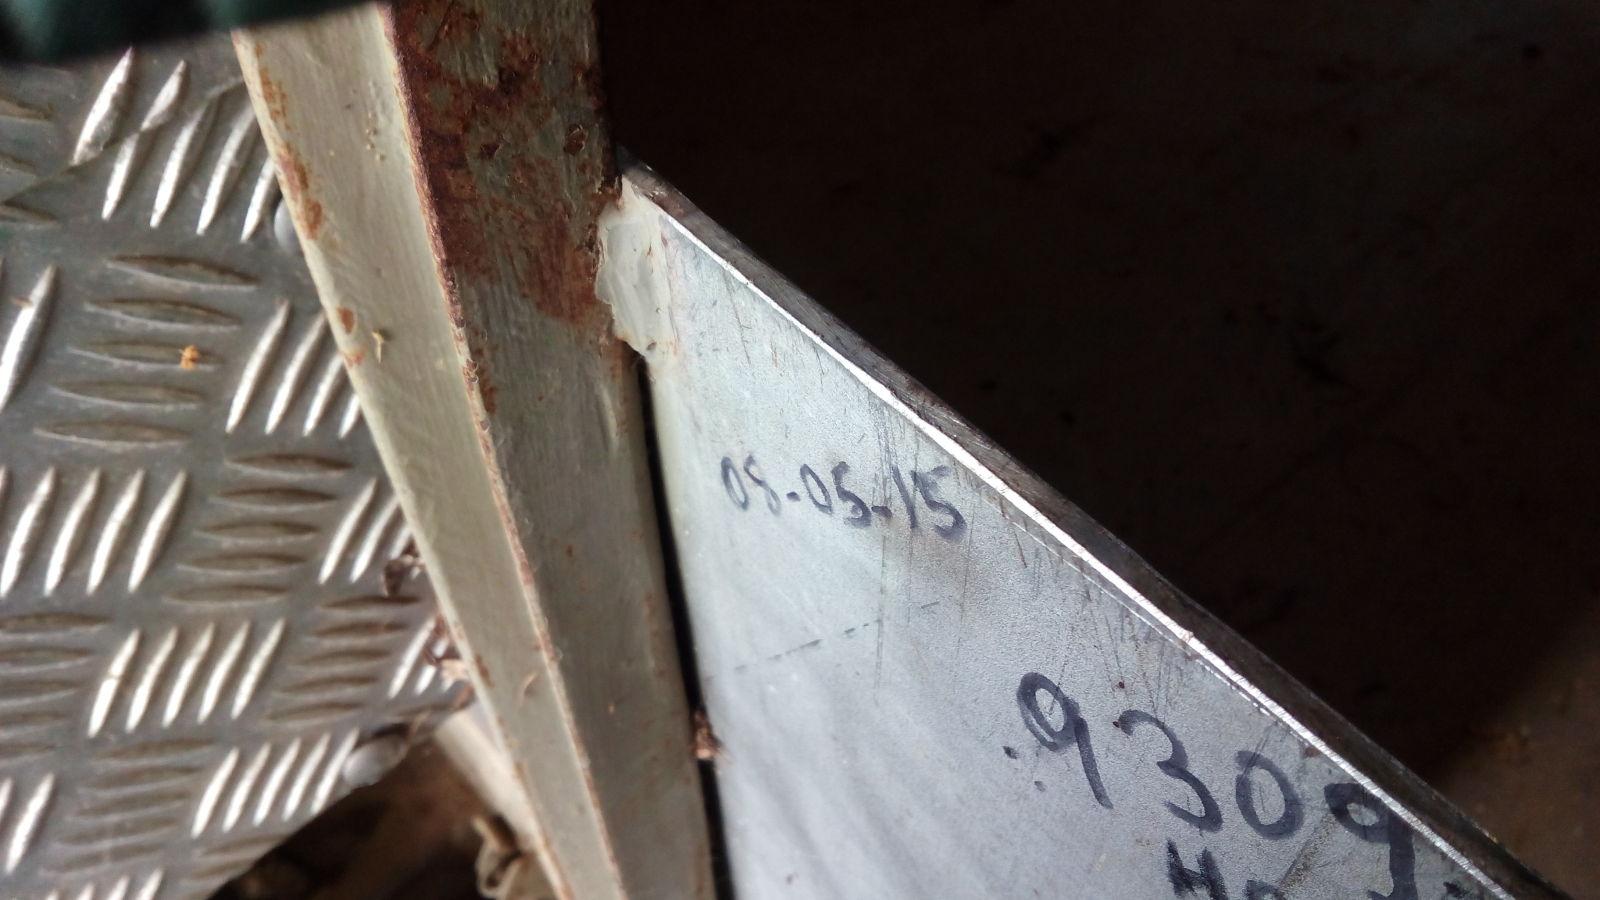 [Duda] Cómo pintar remolque muy oxidado 23kuqs9